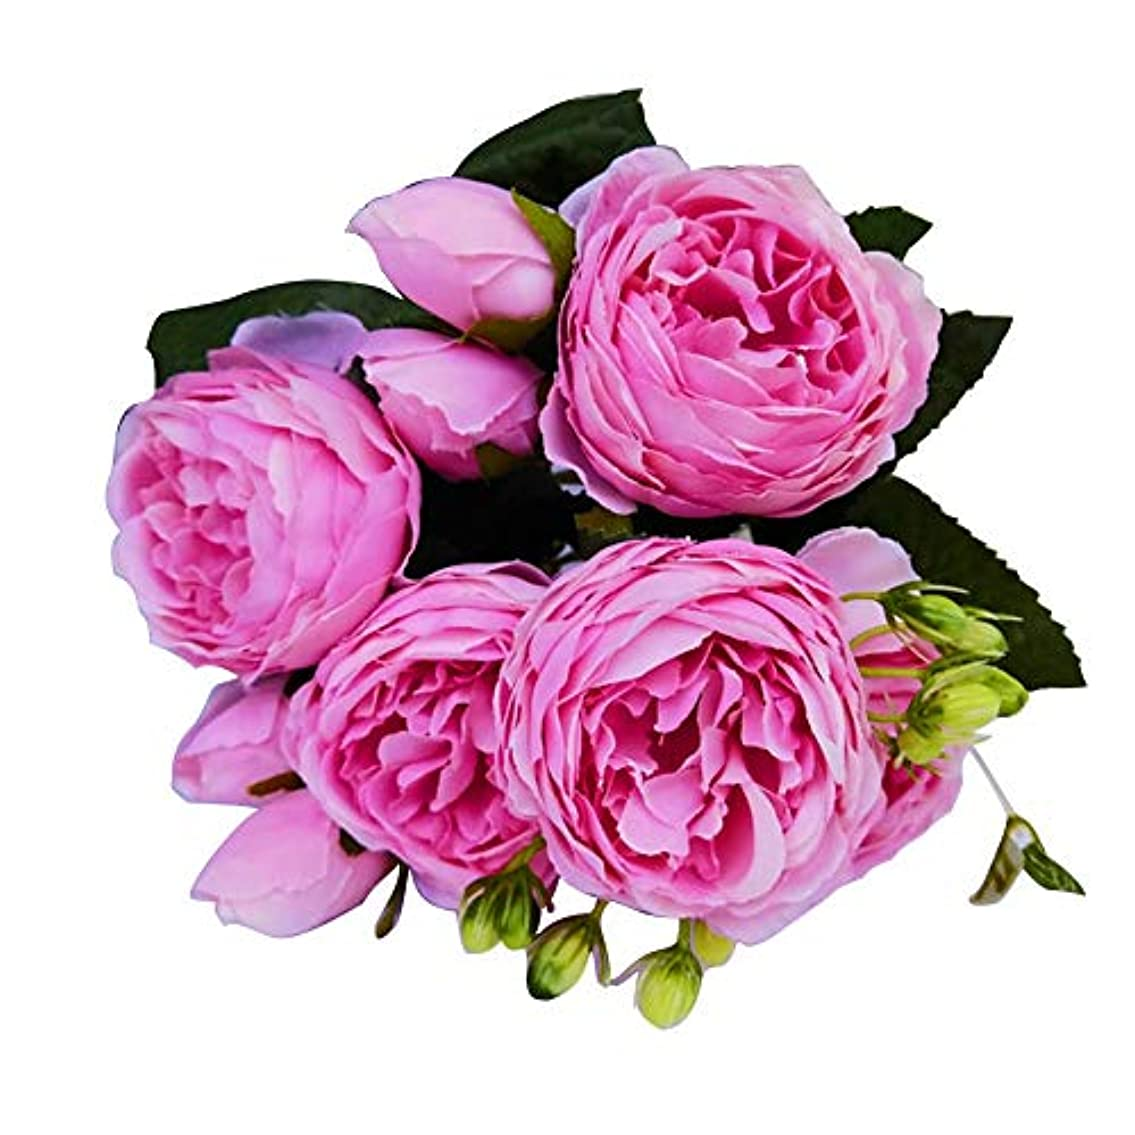 借りる治安判事外向きruisuered装飾植物結婚式人工観葉植物1ピース造花ローズホームステージブライダルウェディングアレンジメントパーティーDIYの装飾 - ローズレッド